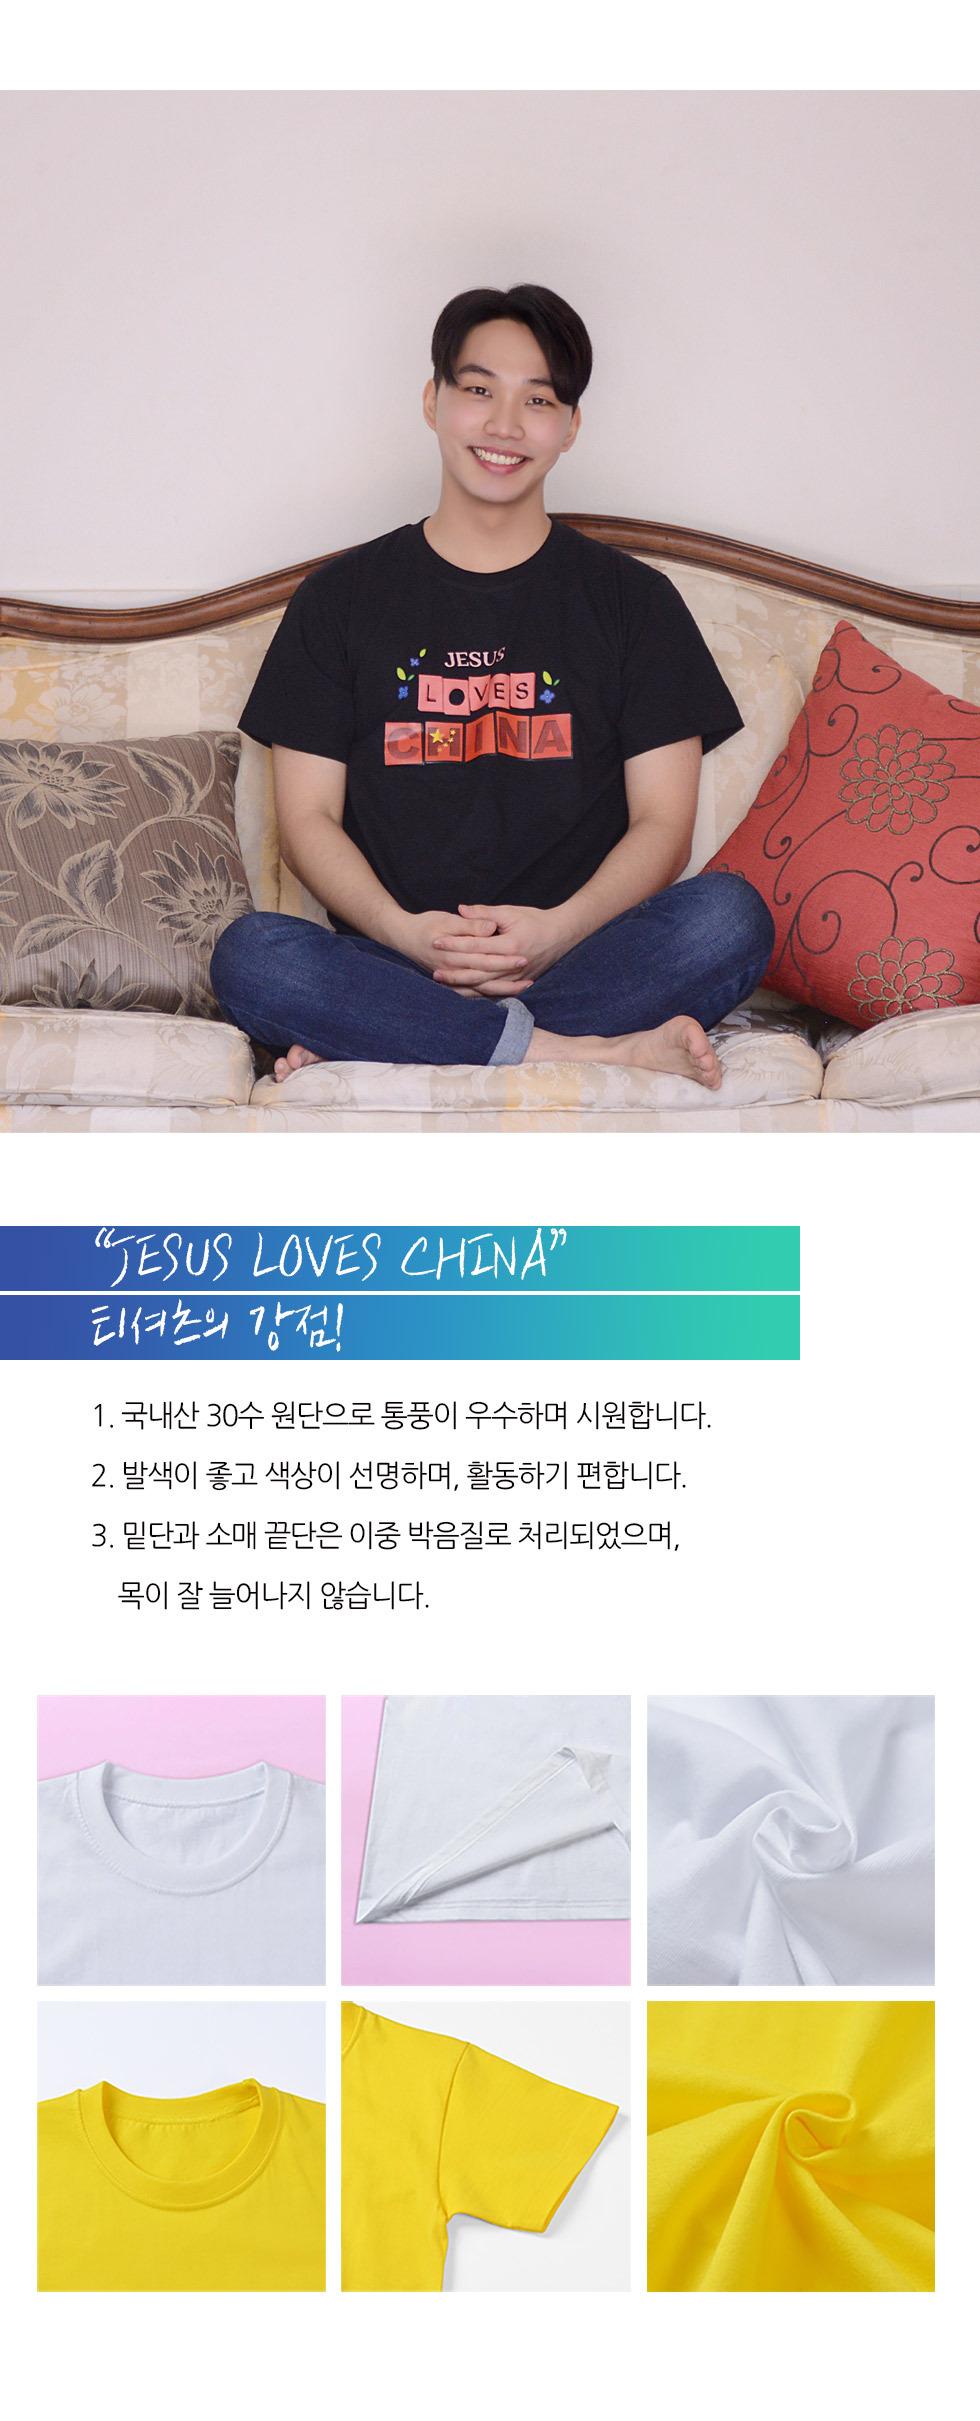 교회 단체티셔츠 중국 선교티 (Jesus loves China) - 미션트립 단체 성인티셔츠(중국선교)